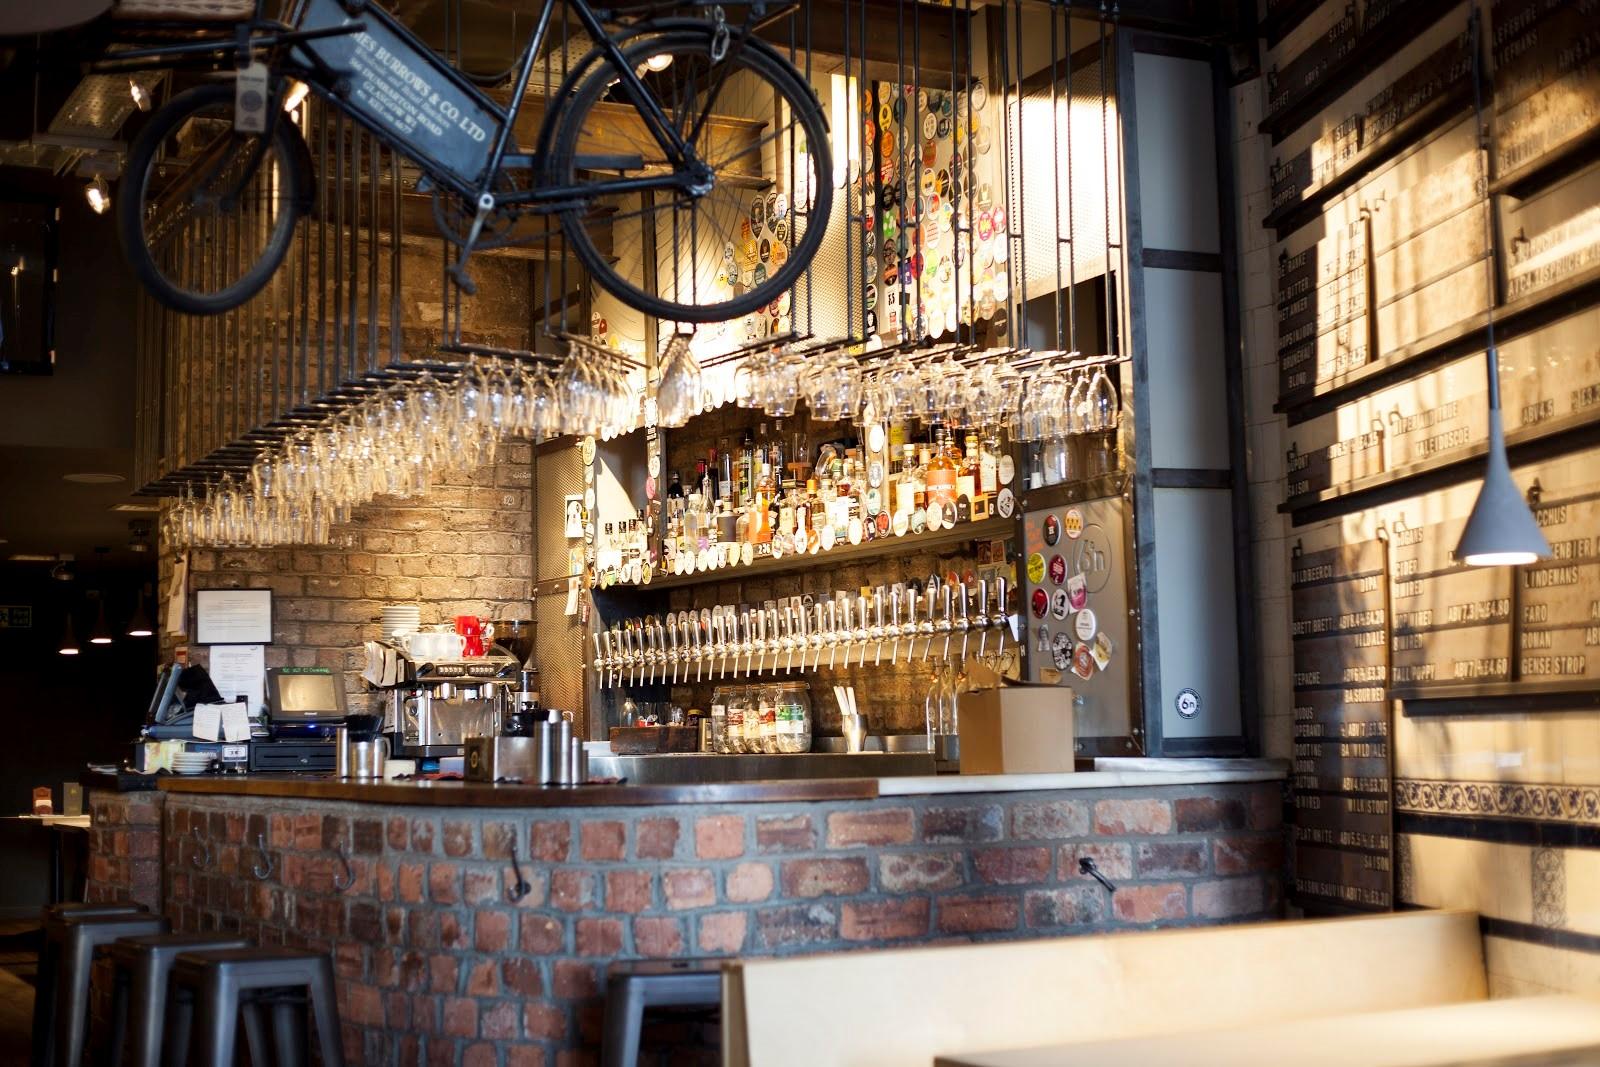 The interior of a Six Degrees North pub.